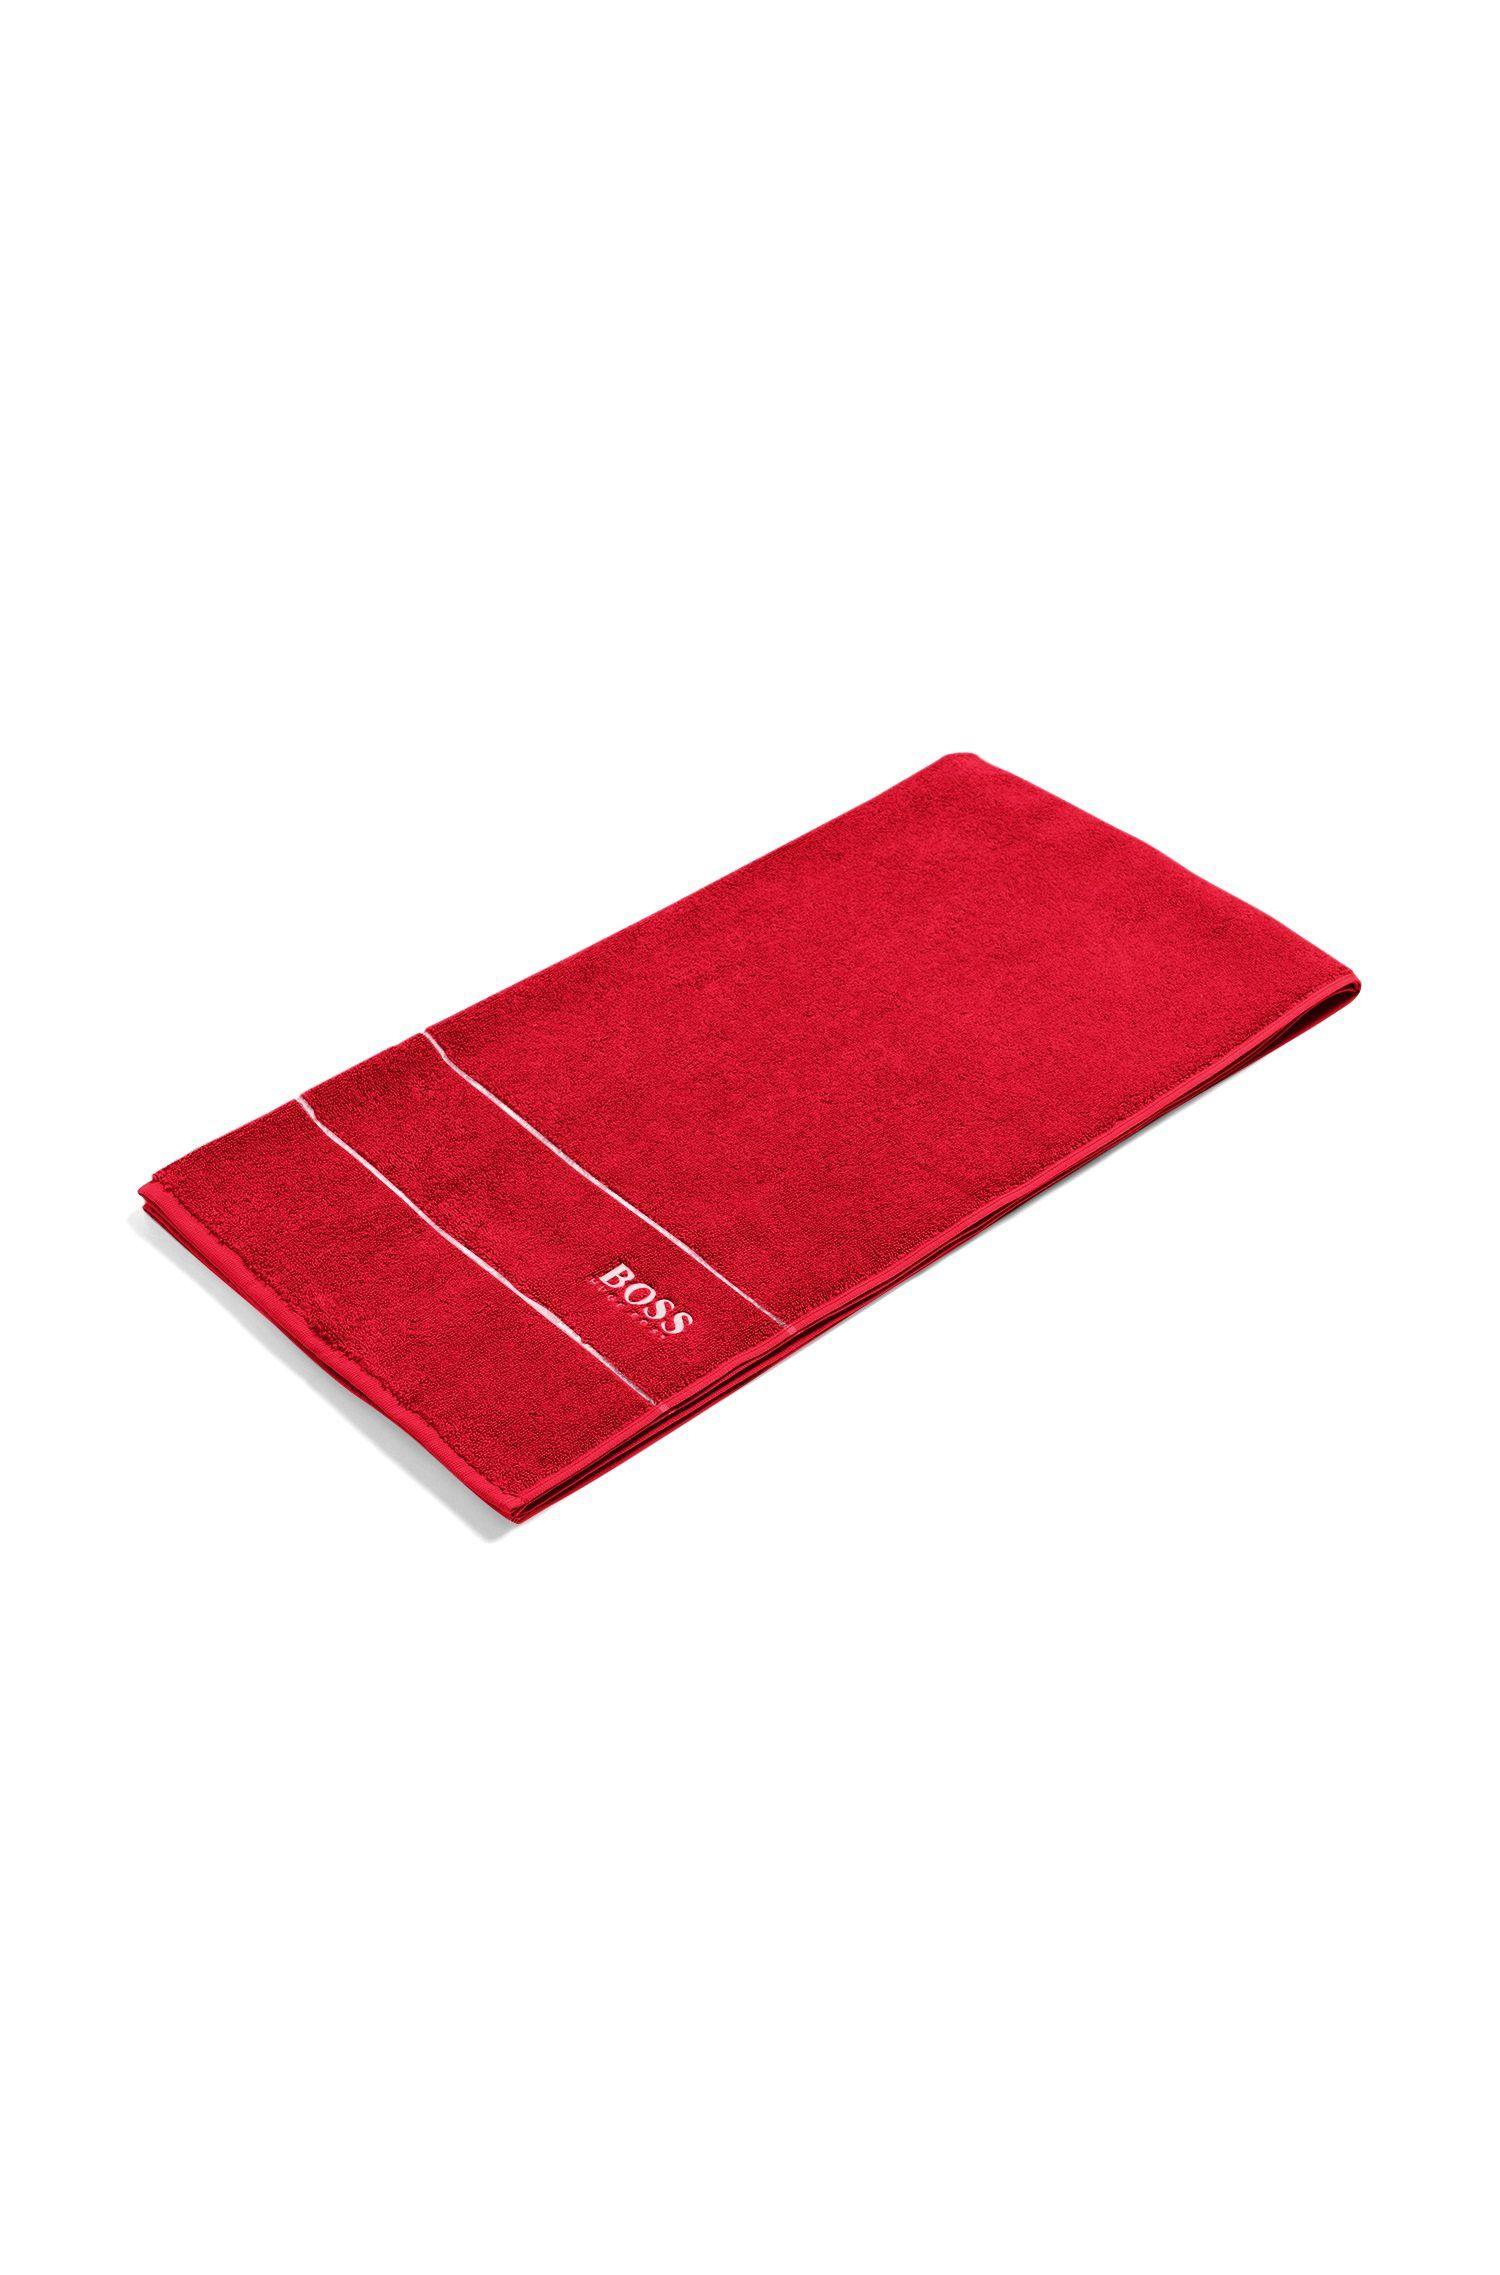 Badetuch aus feinster ägyptischer Baumwolle mit Logo-Bordüre, Rot